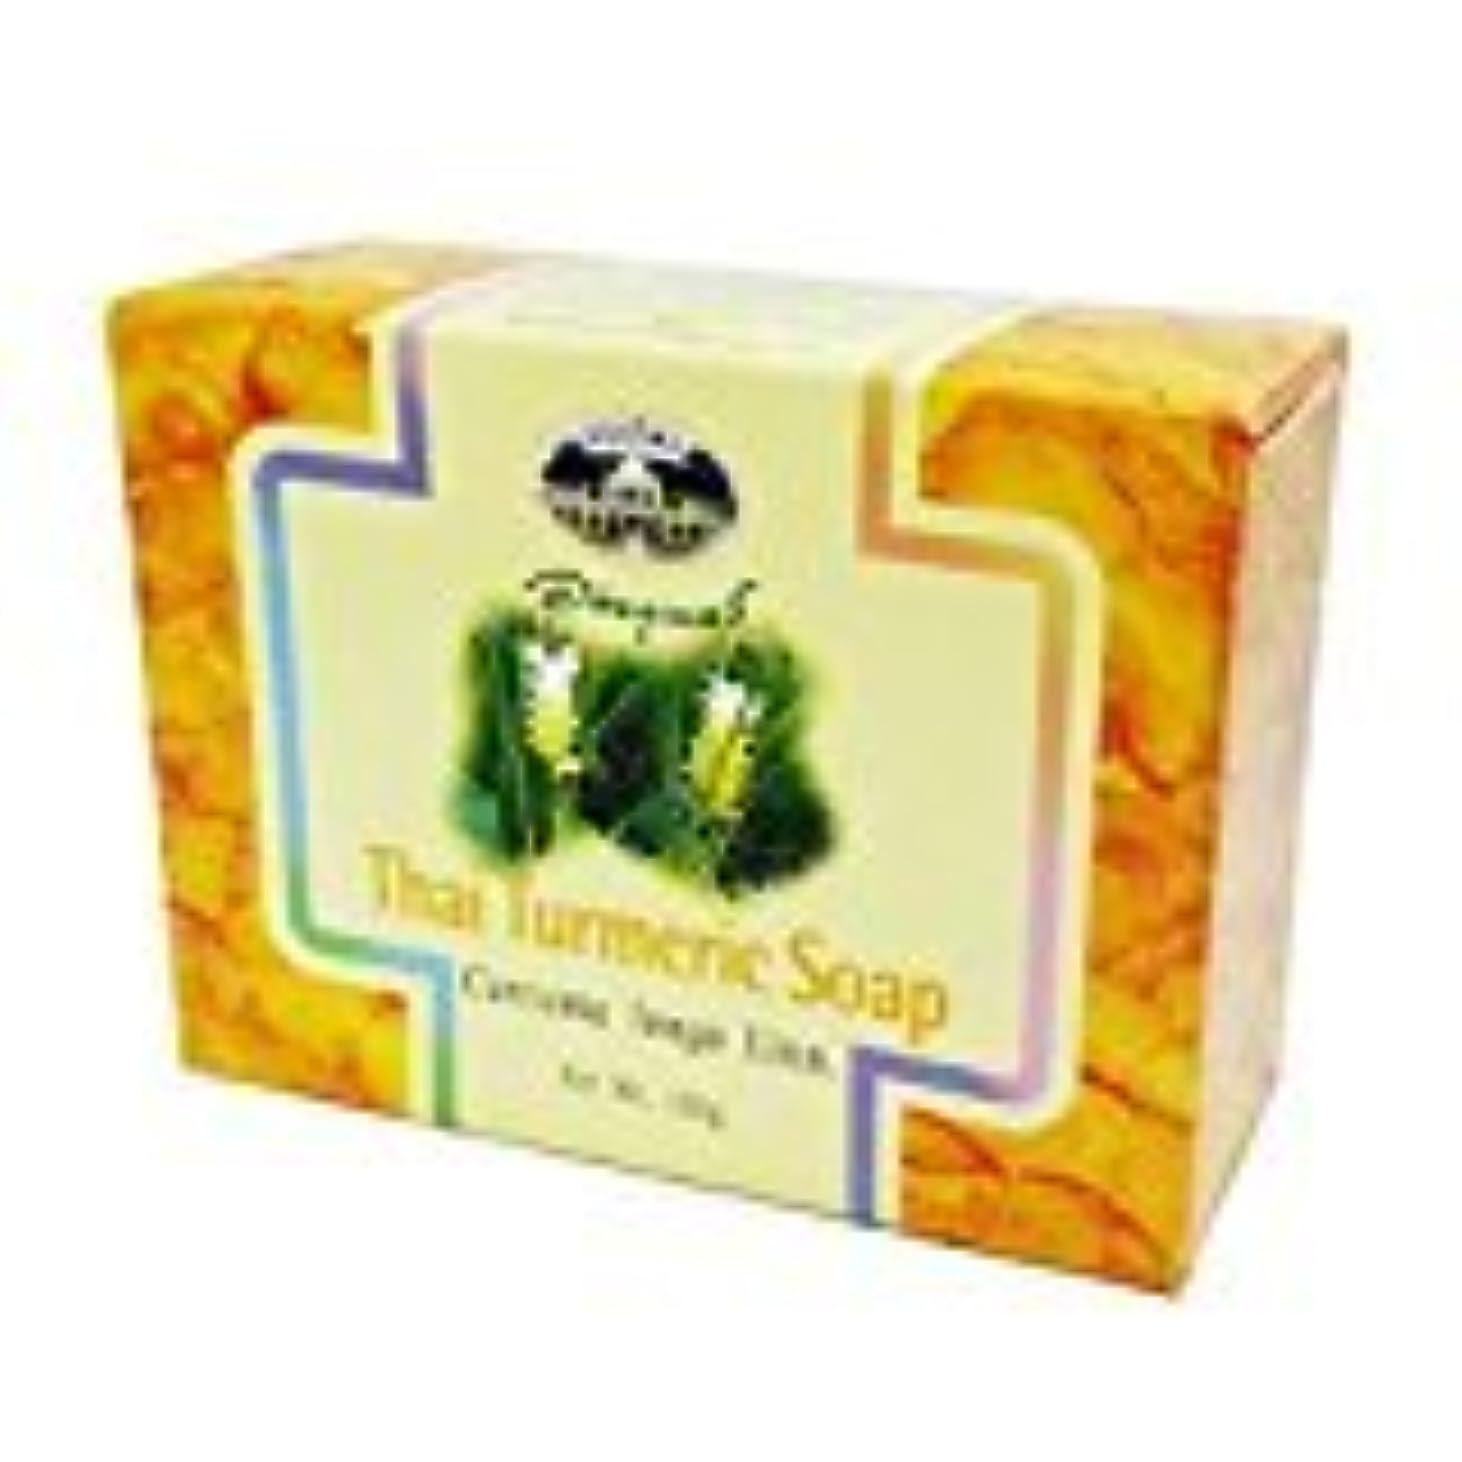 ウコン石けん abhaibhubejhr Turmeric soap 100g